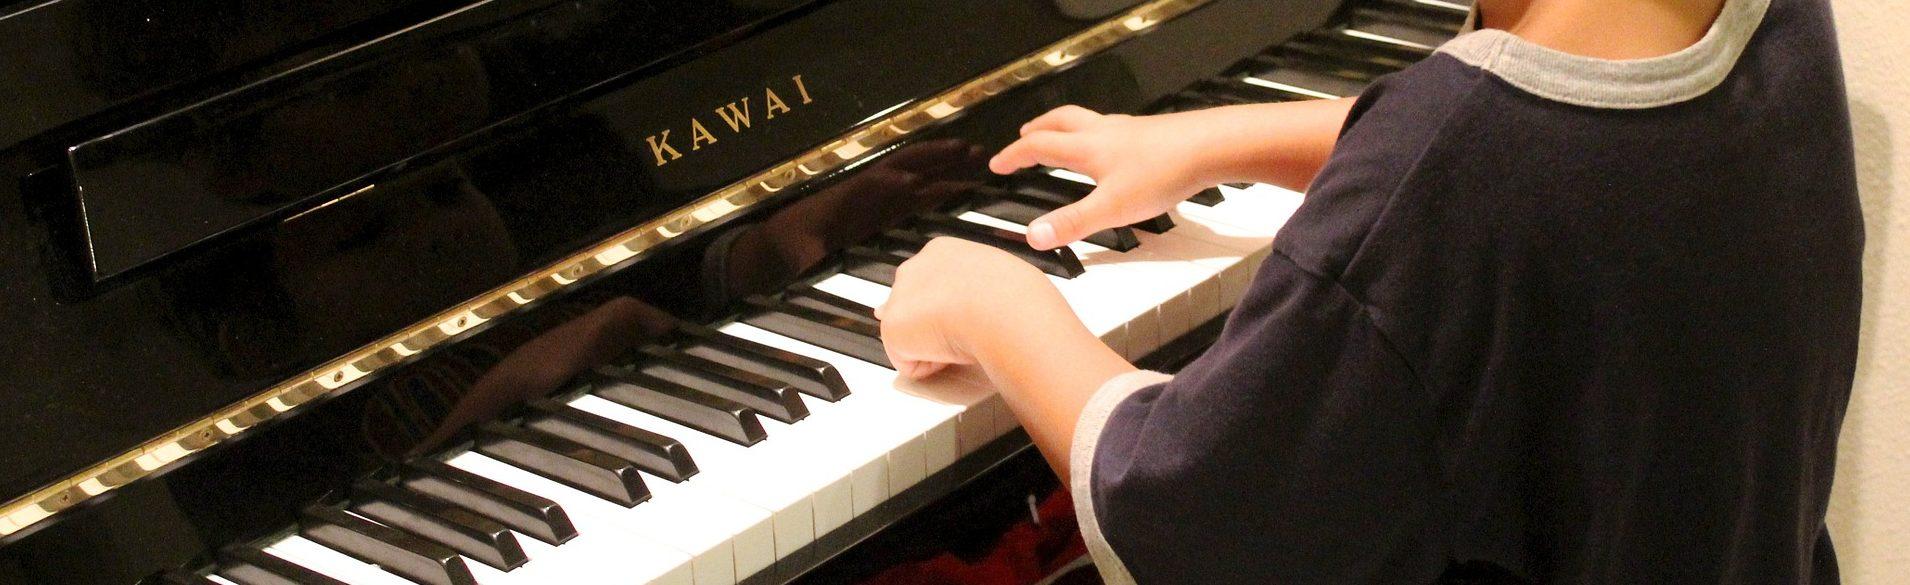 comment bien jouer au piano